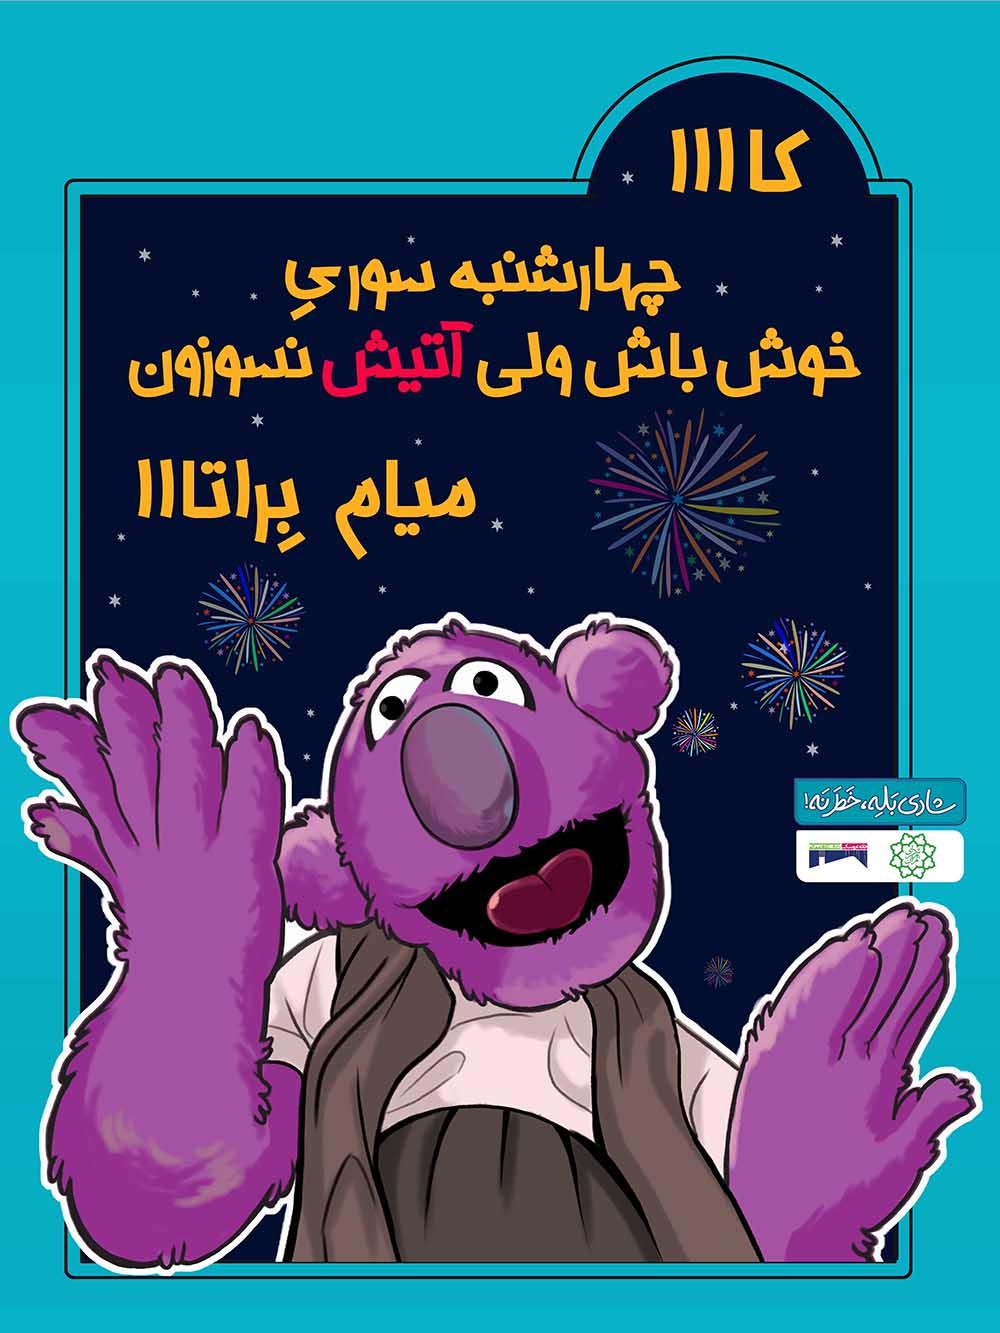 چهارشنبه سوری بدون خطر با شخصیت های کارتونی